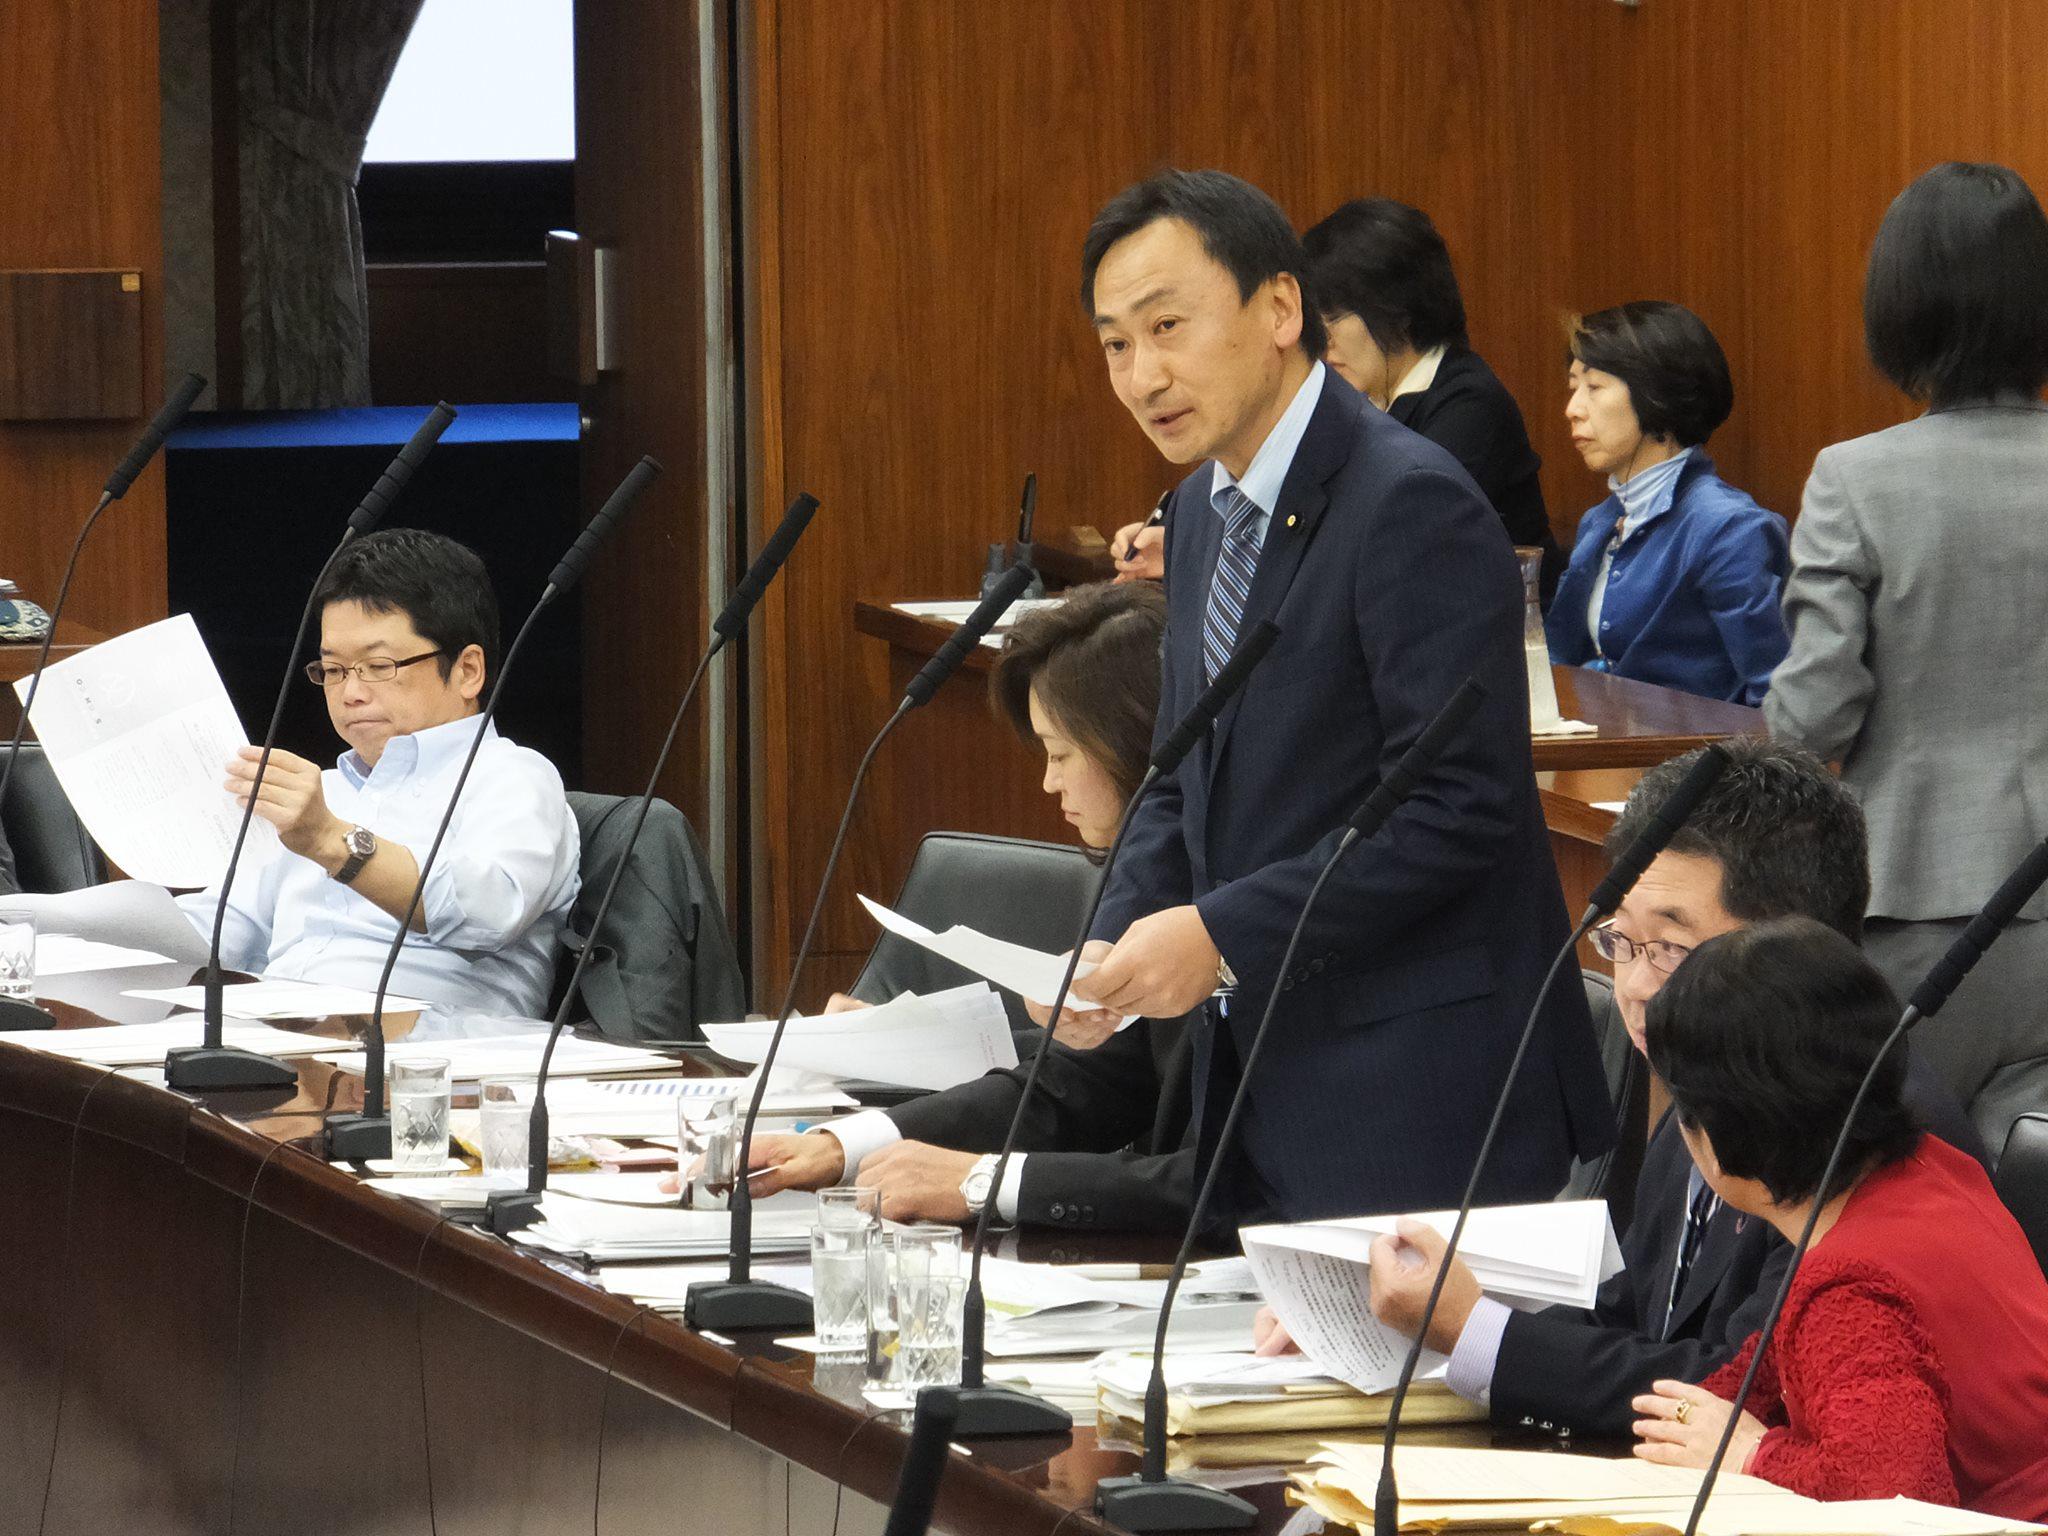 2014.10.16 参議院厚生労働委員会にて質問を行いました